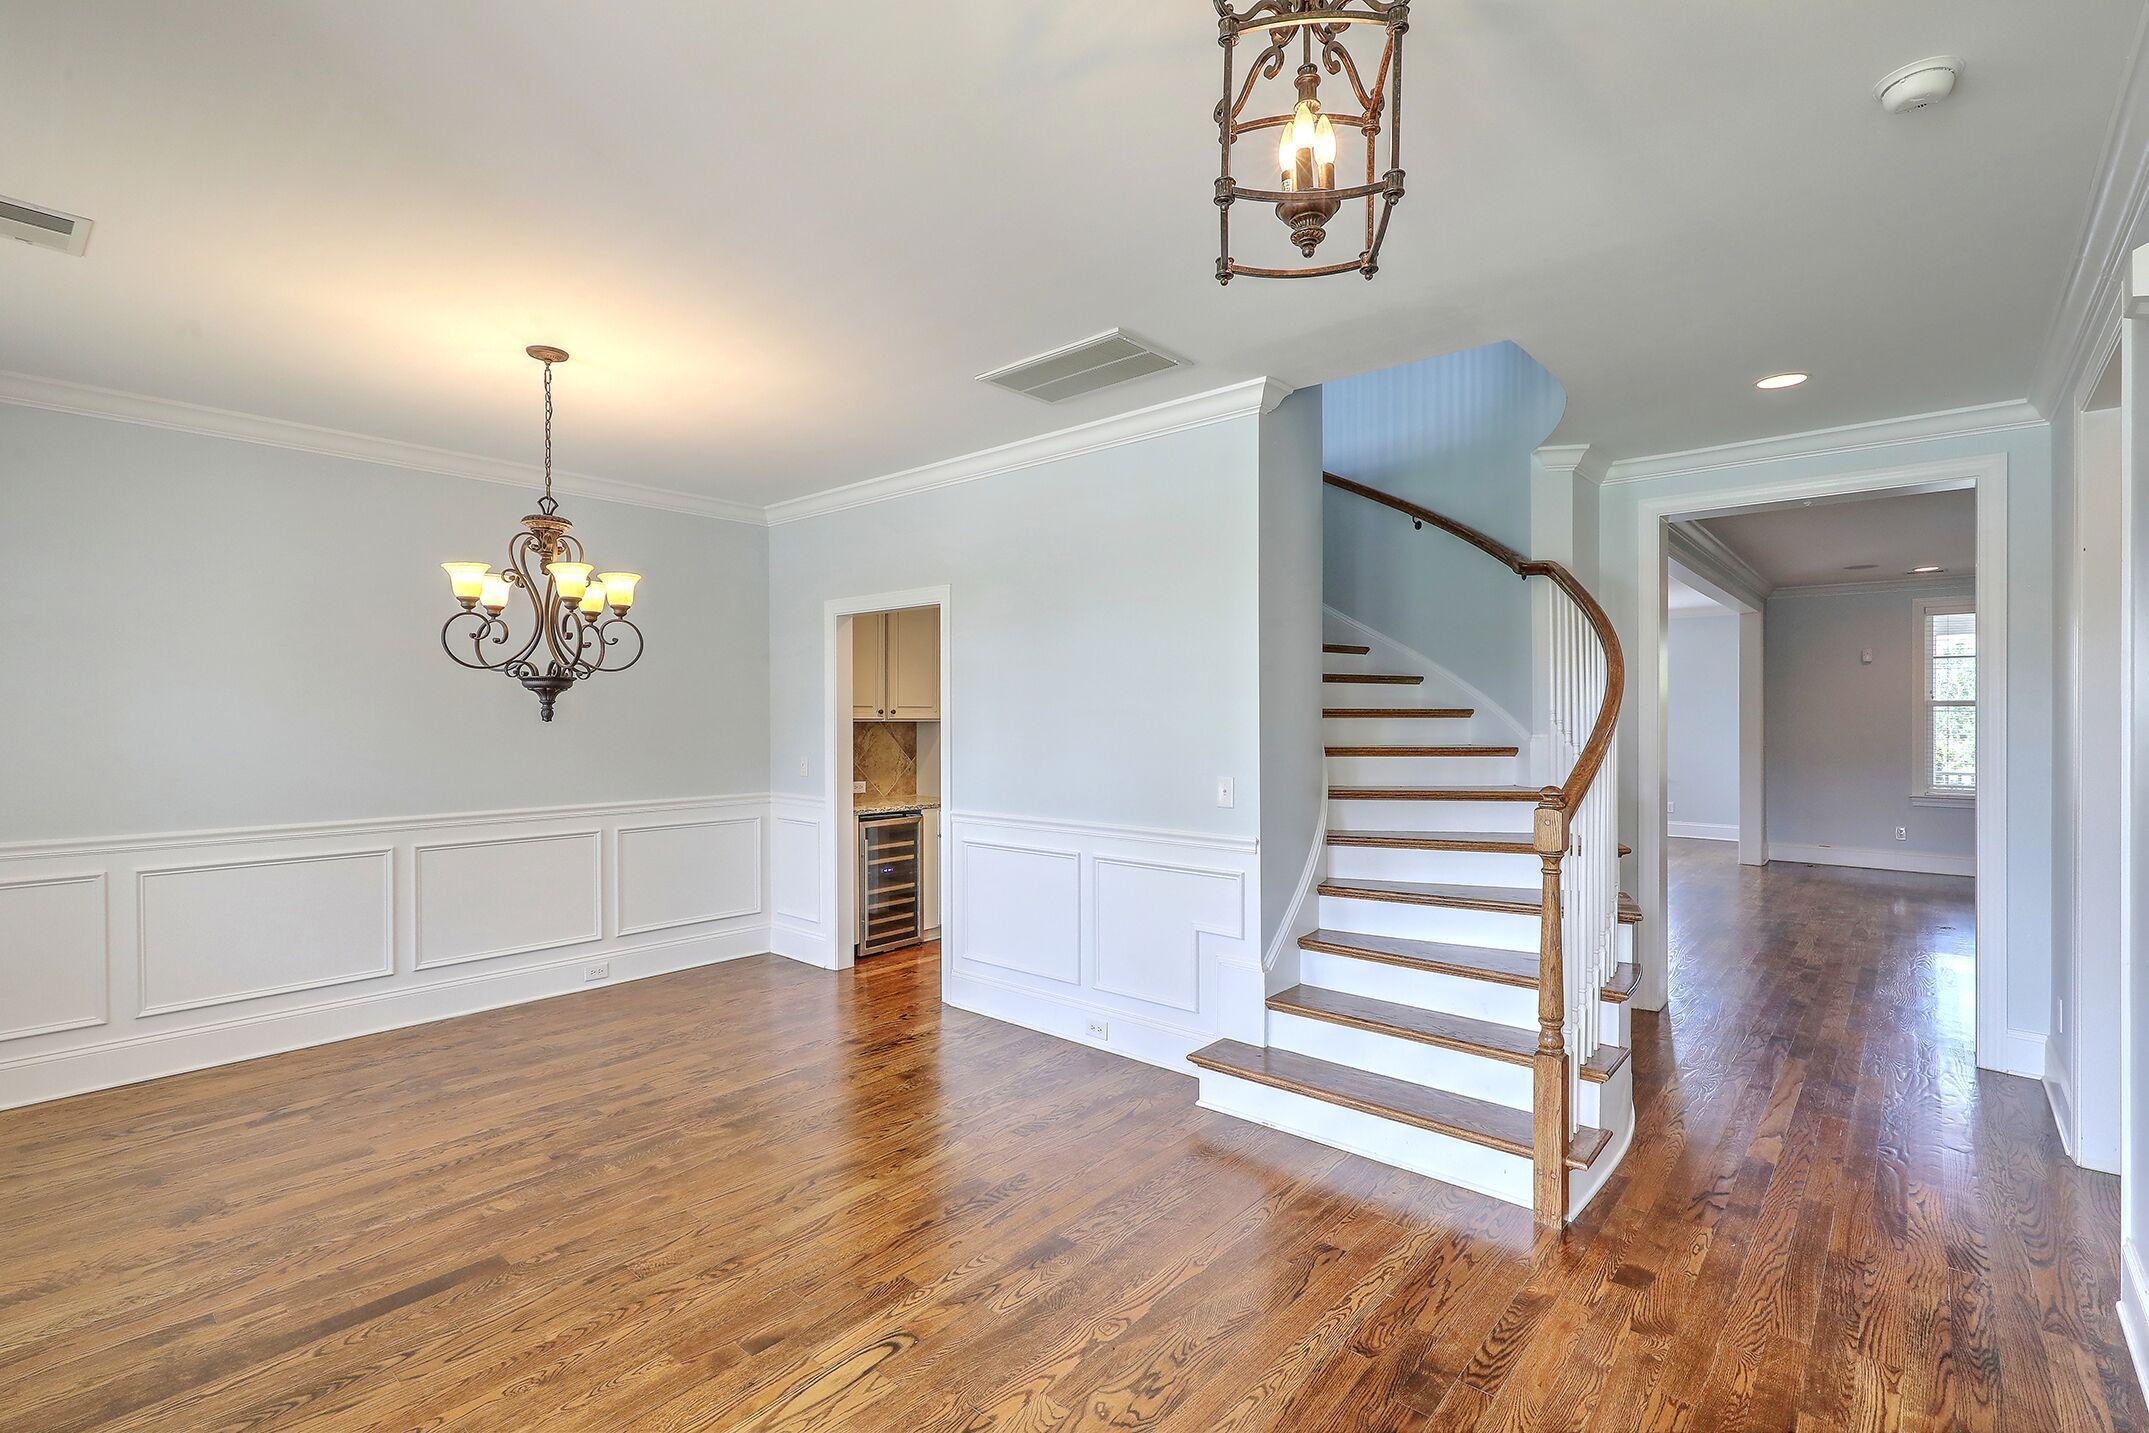 Dunes West Homes For Sale - 2970 Sturbridge, Mount Pleasant, SC - 40